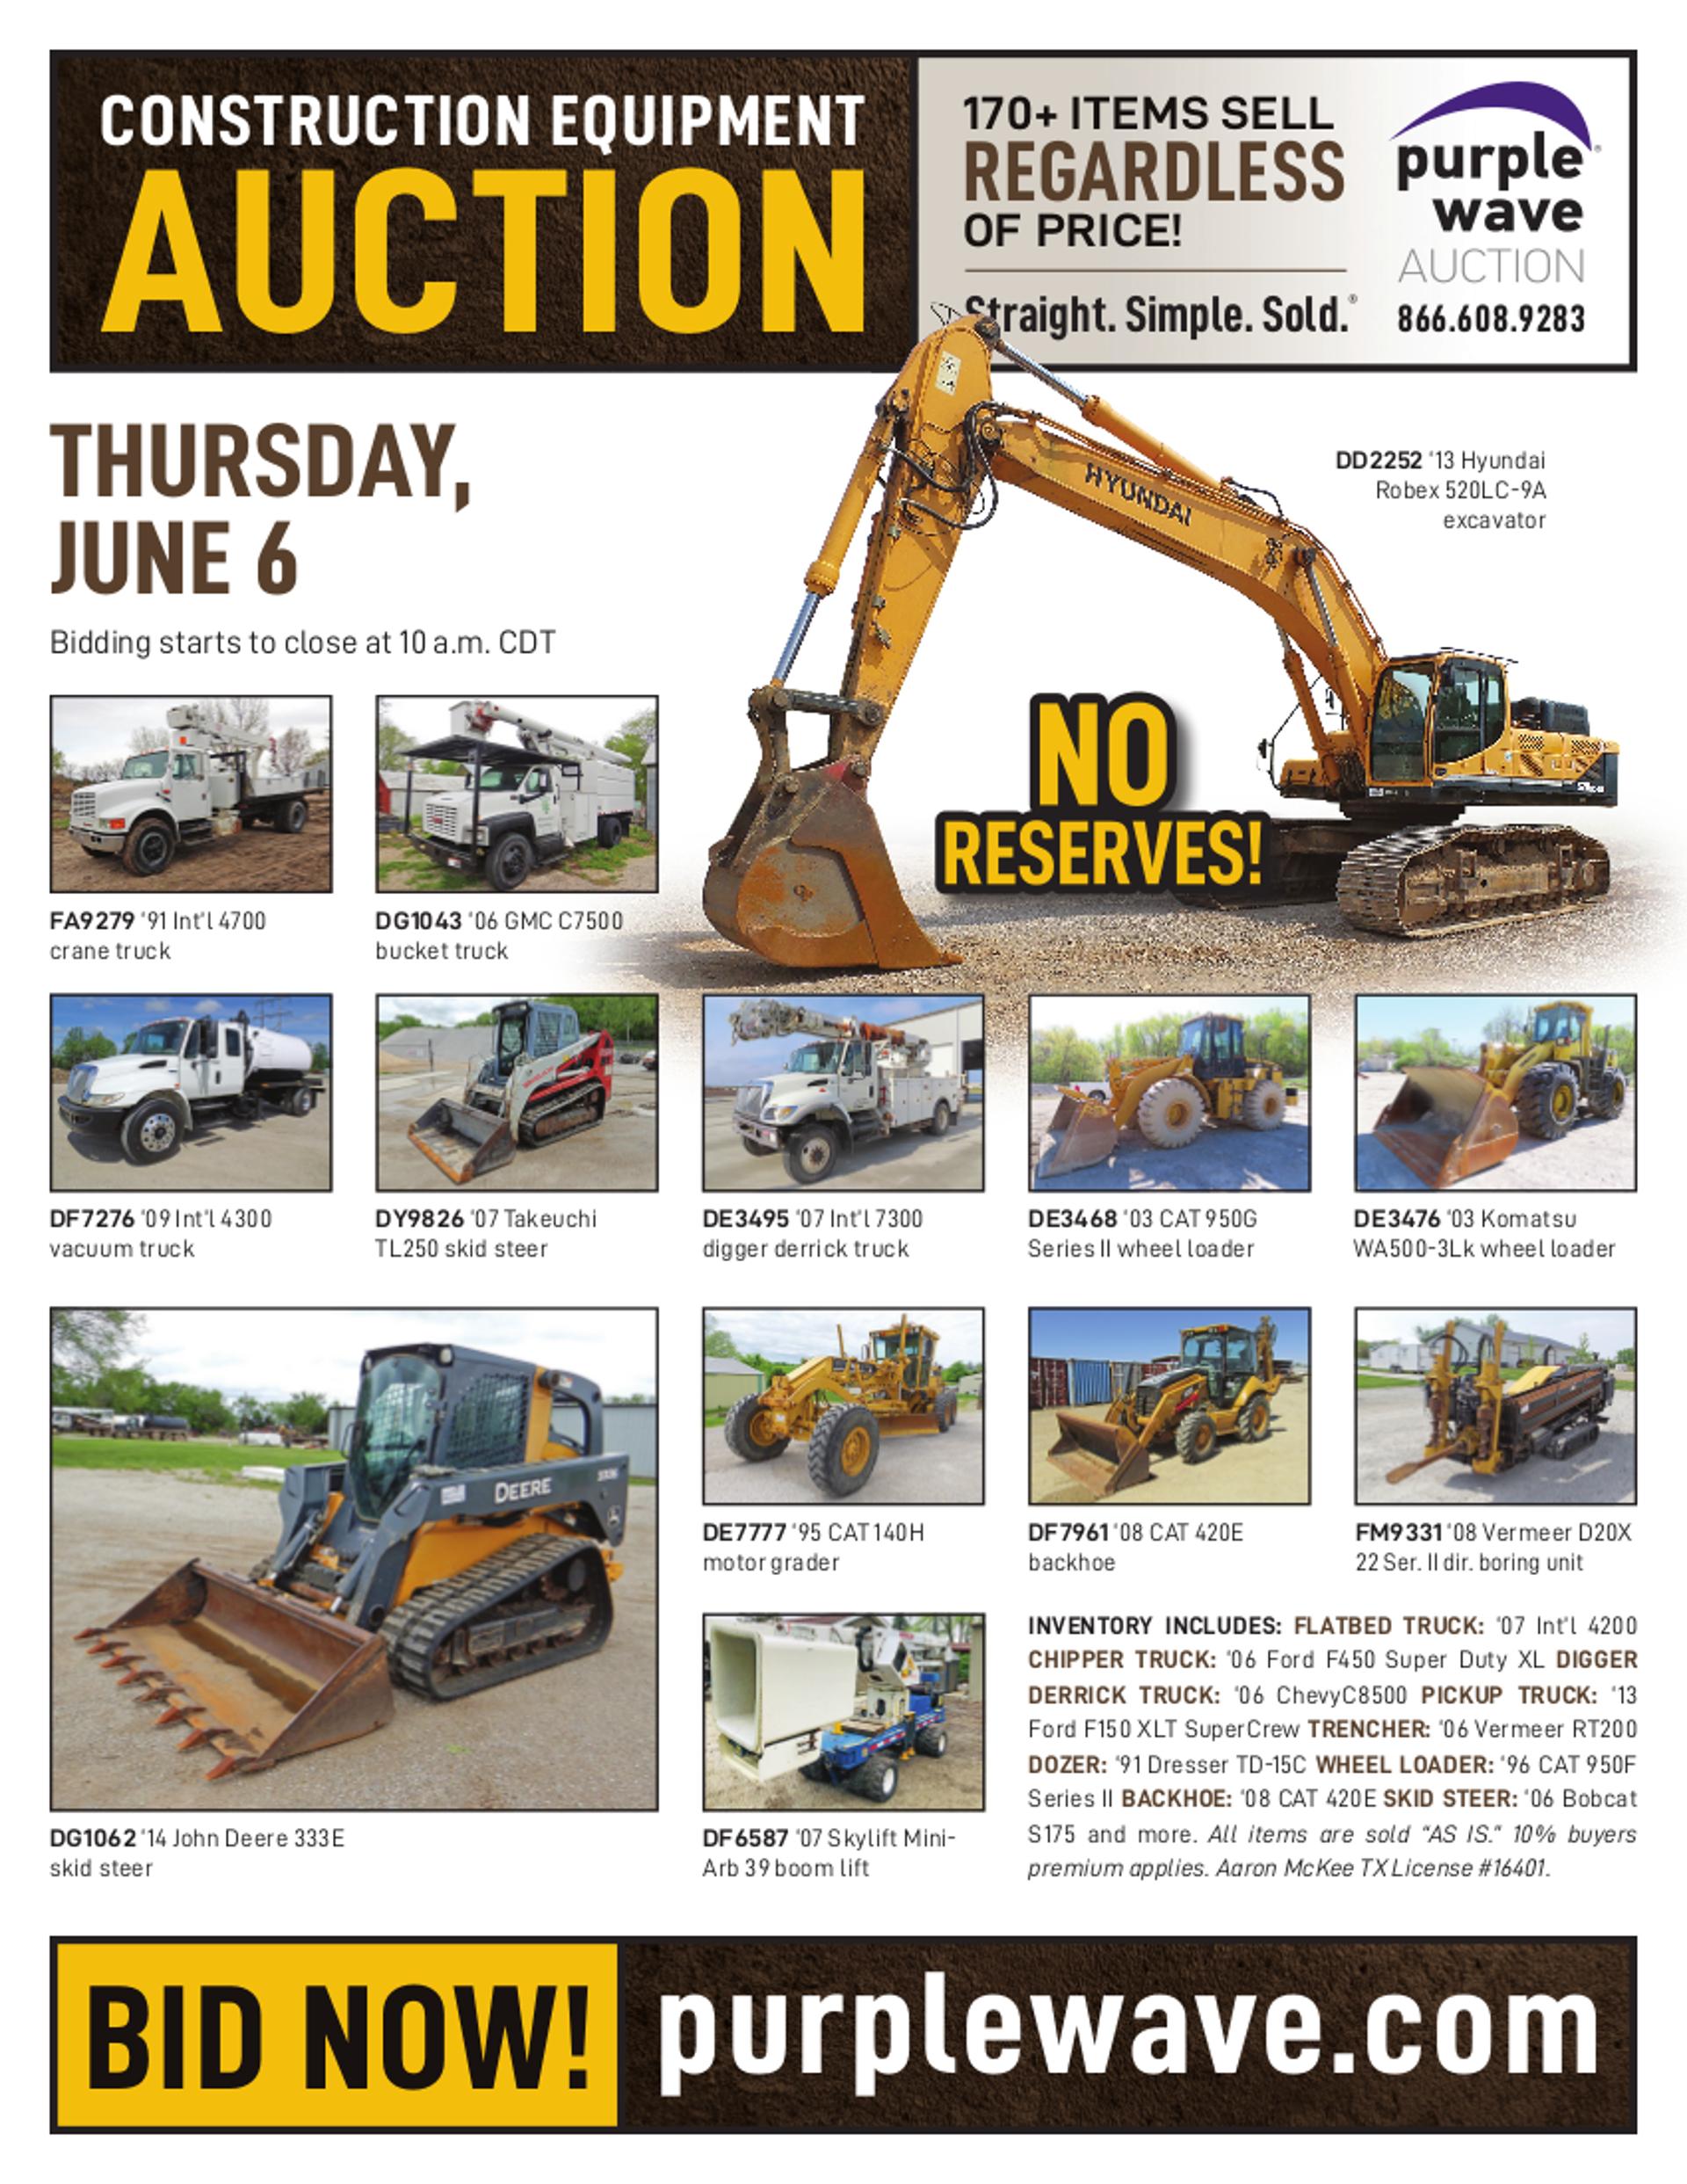 SOLD! June 6 Construction Equipment Auction   PurpleWave, Inc